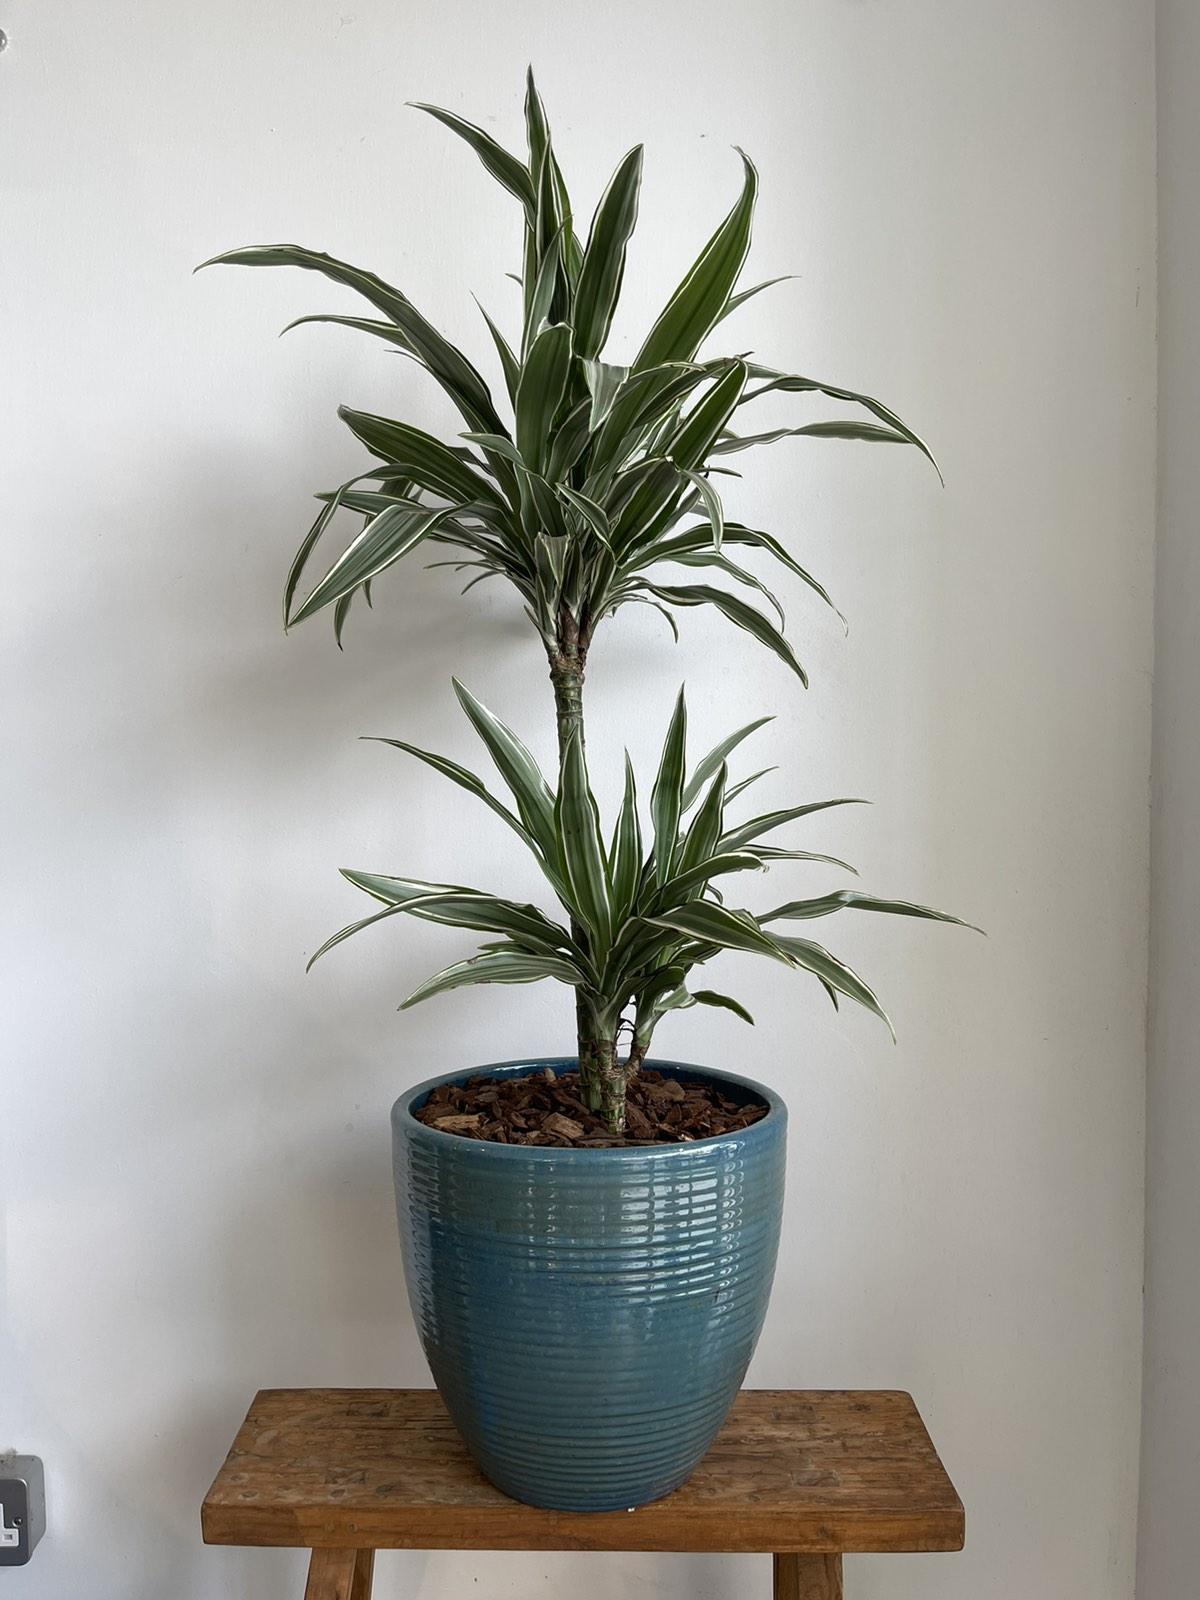 Dracanea in turquoise ceramic pot